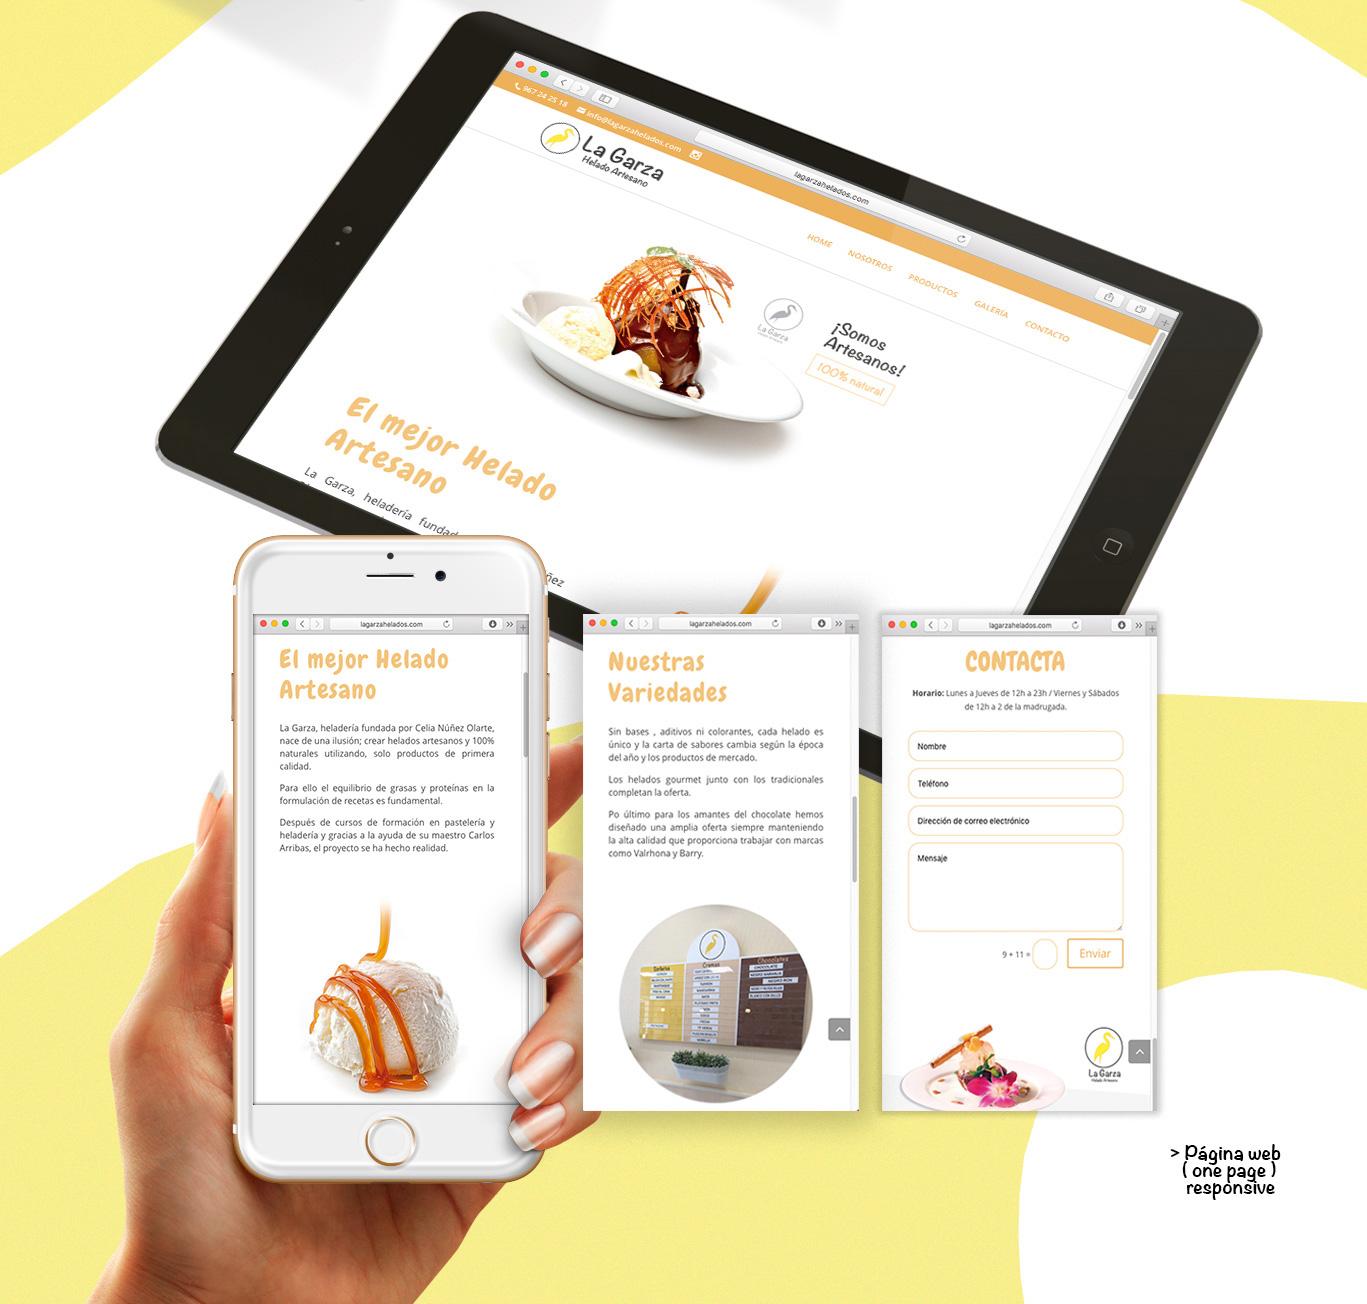 Diseño web Albacete, Seo y posicionamiento de página web para La Garza Helados Artesanos